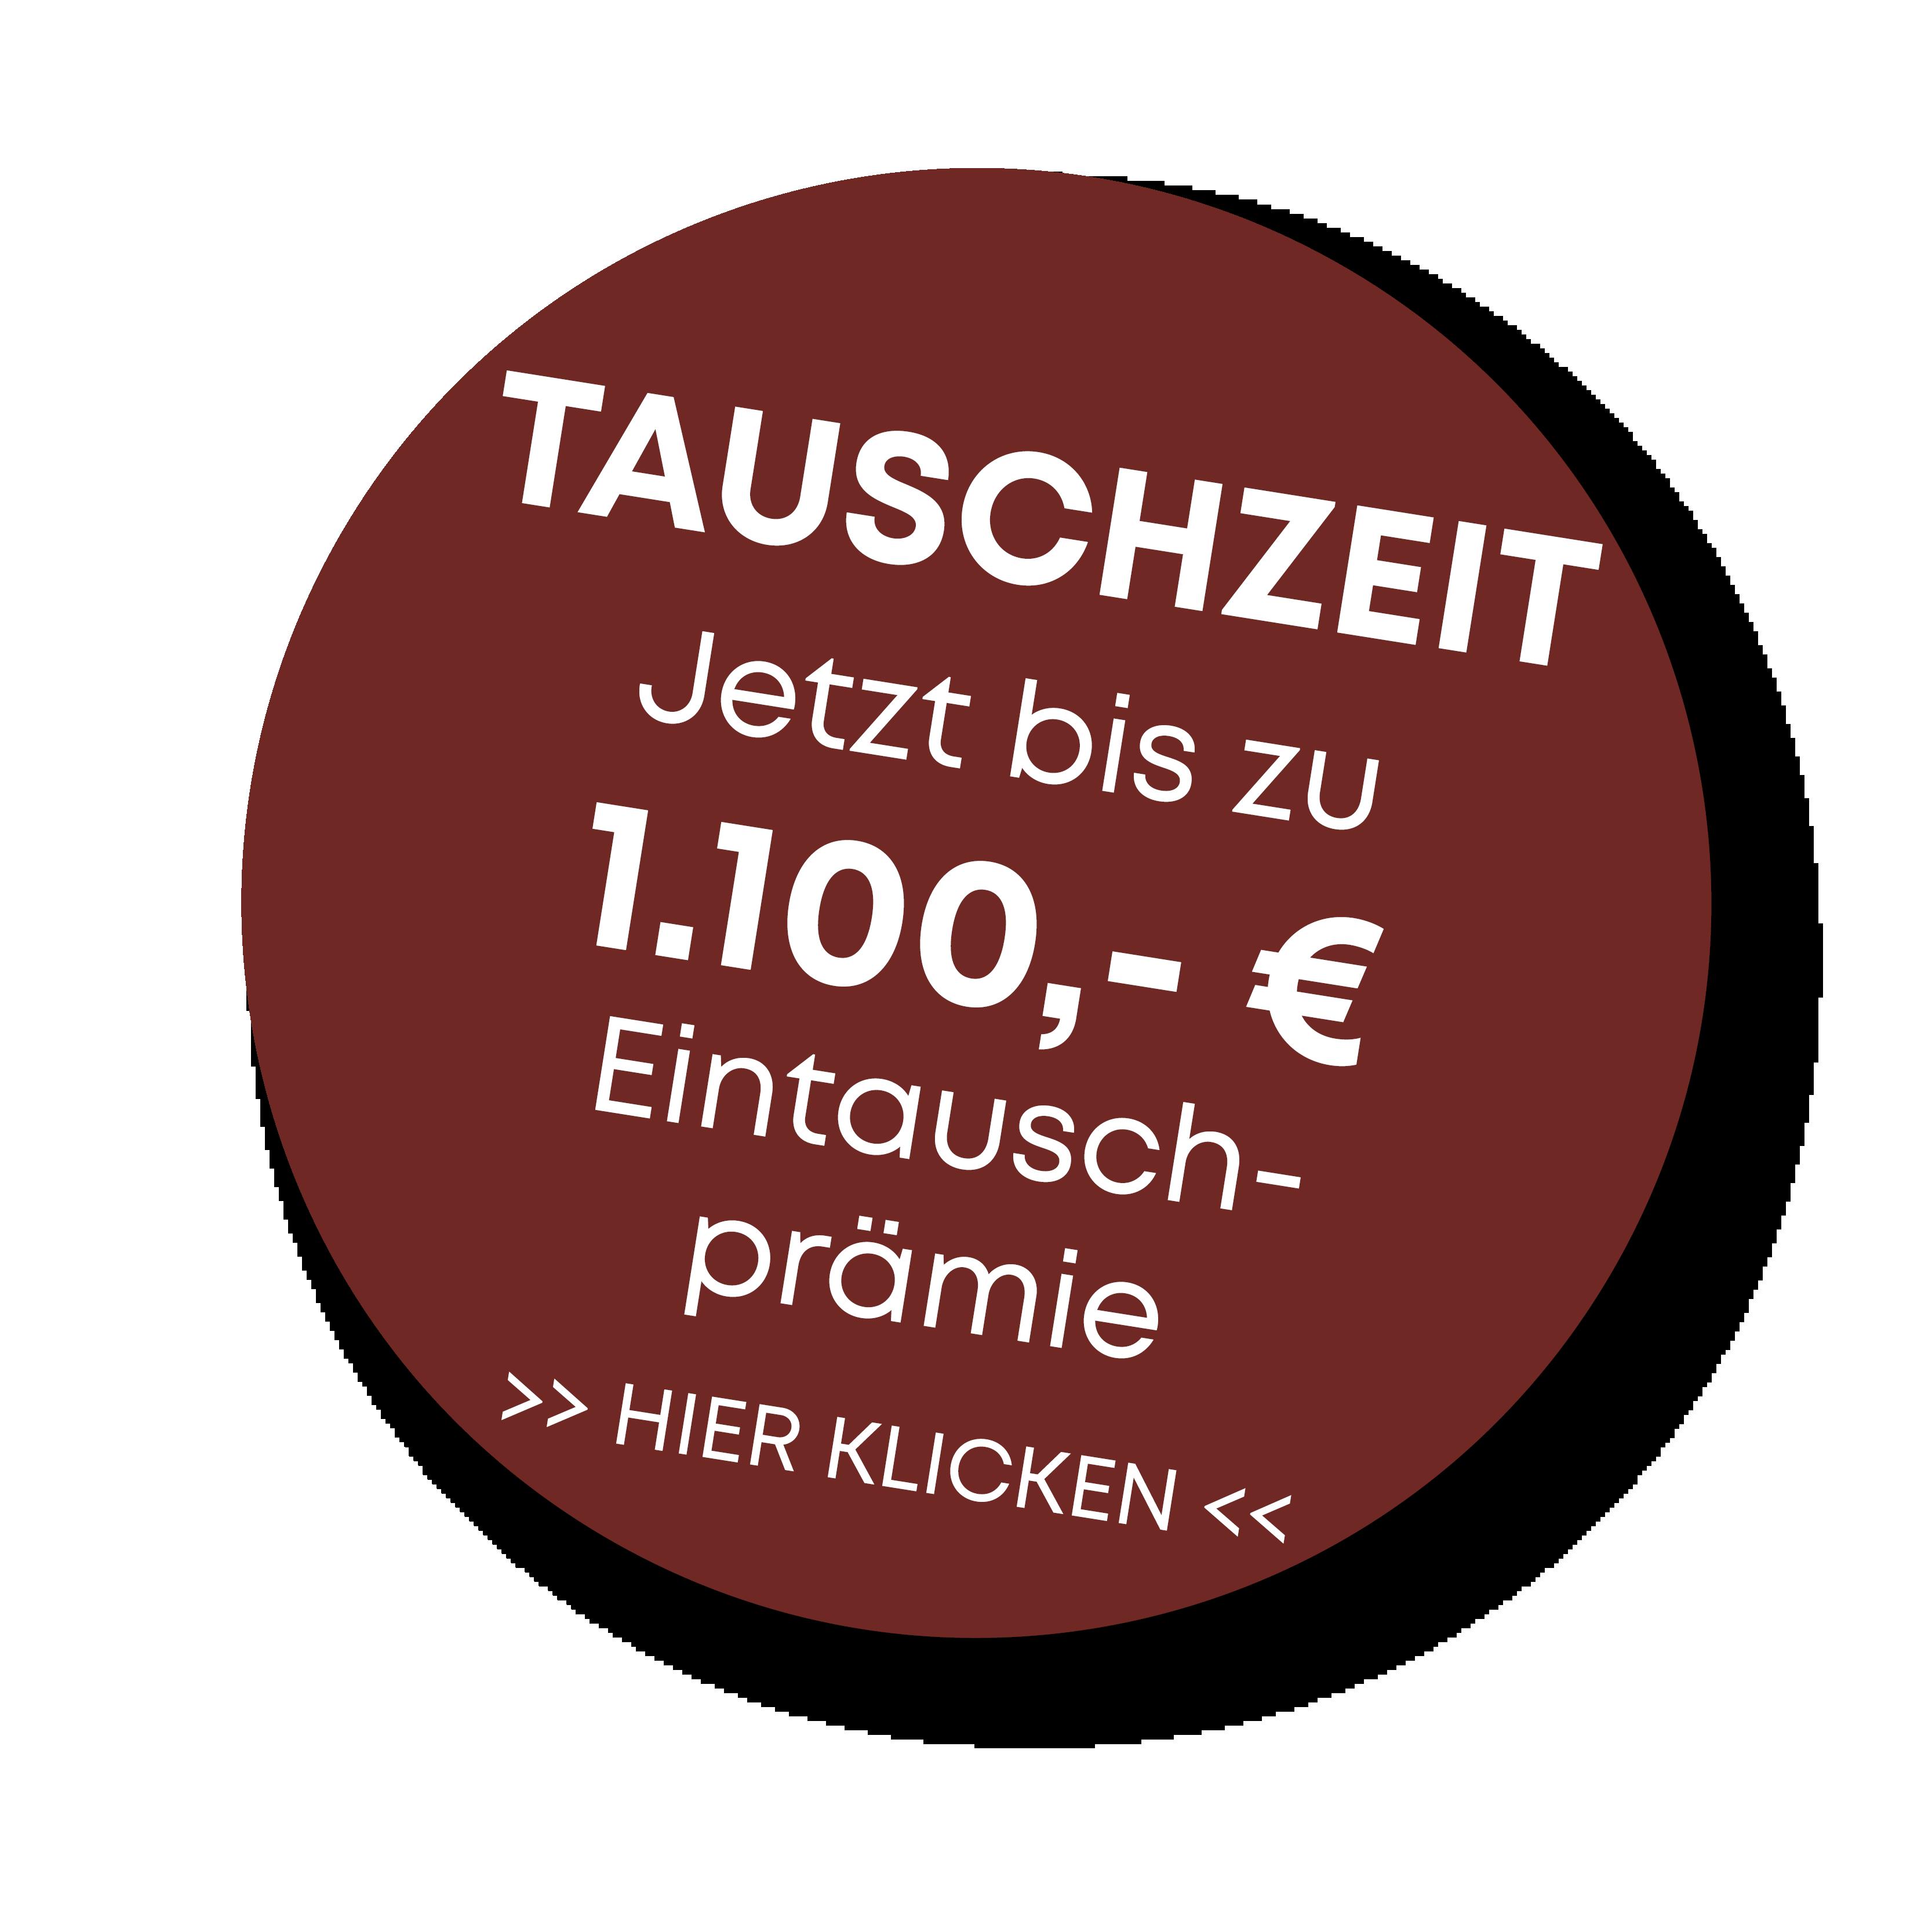 revox_tauschzeit_jetzt_bis_zu_1100_euro_eintauschpraemie_2020_Audiosysteme_Lautsprecher